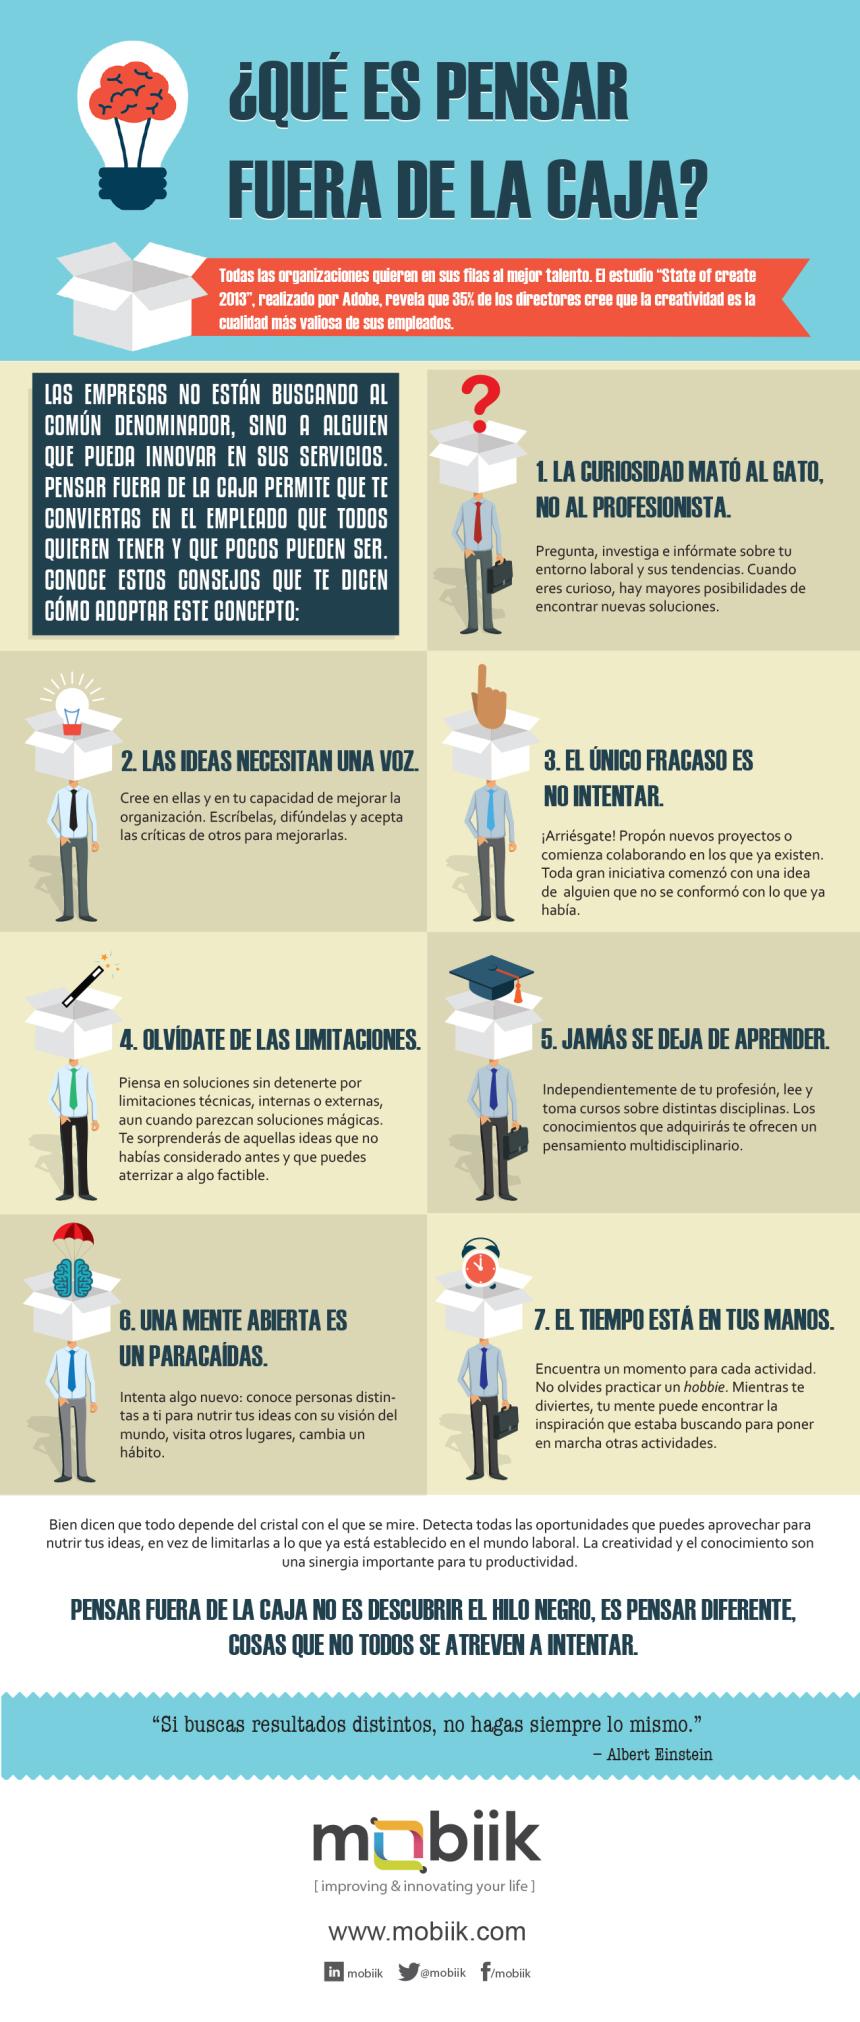 Te dejamos una interesante infografía con 7 pasos para aprender a pensar fuera de la caja.